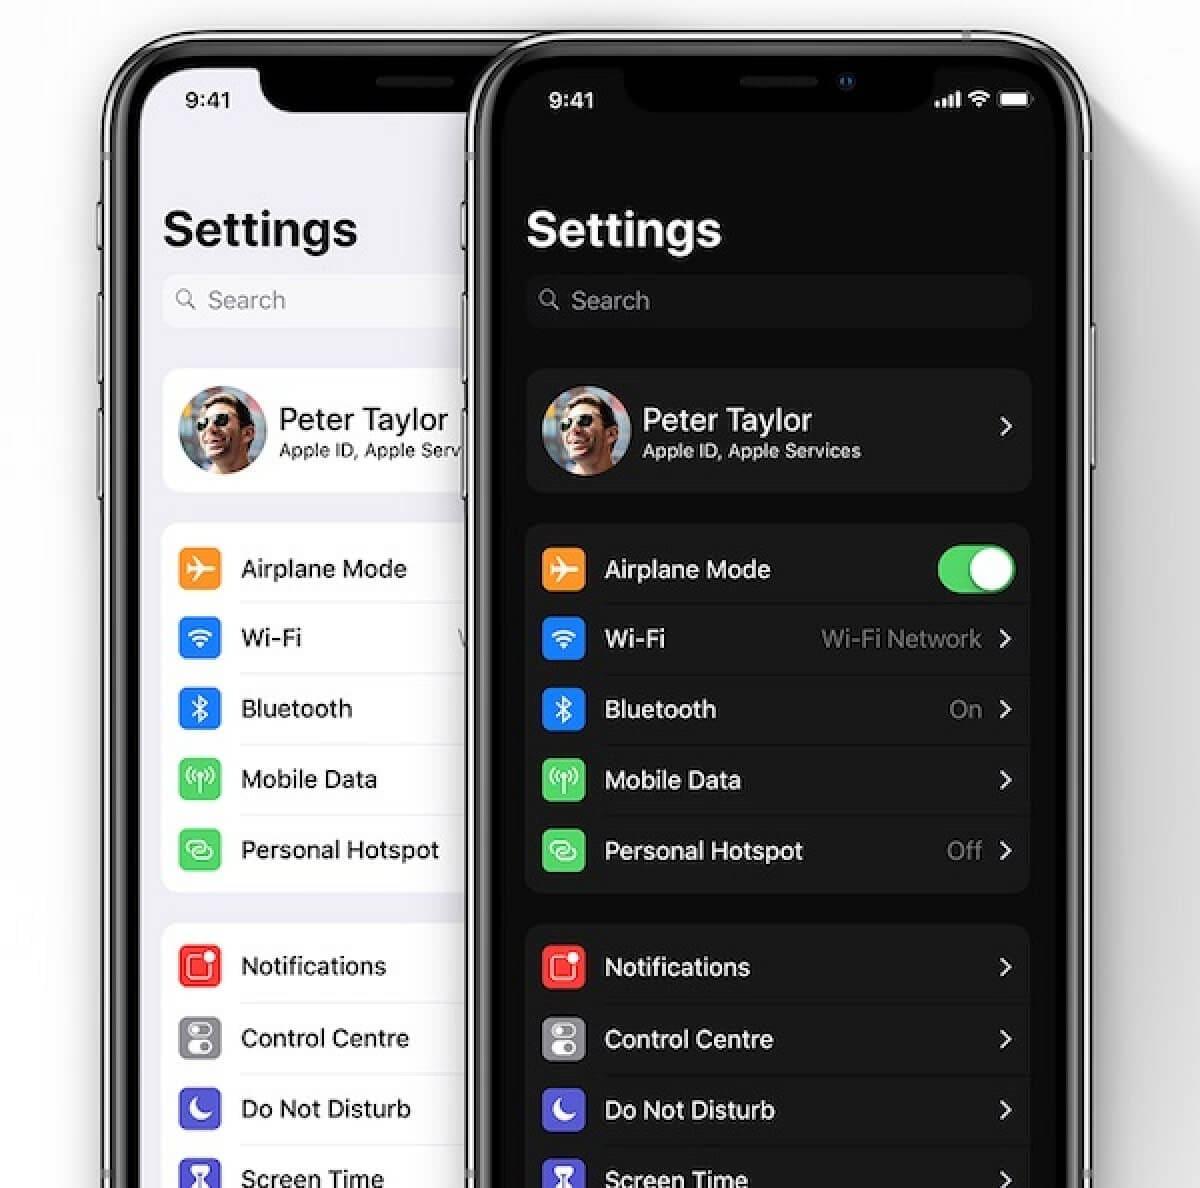 Vergleich von iOS 13 und iOS 12